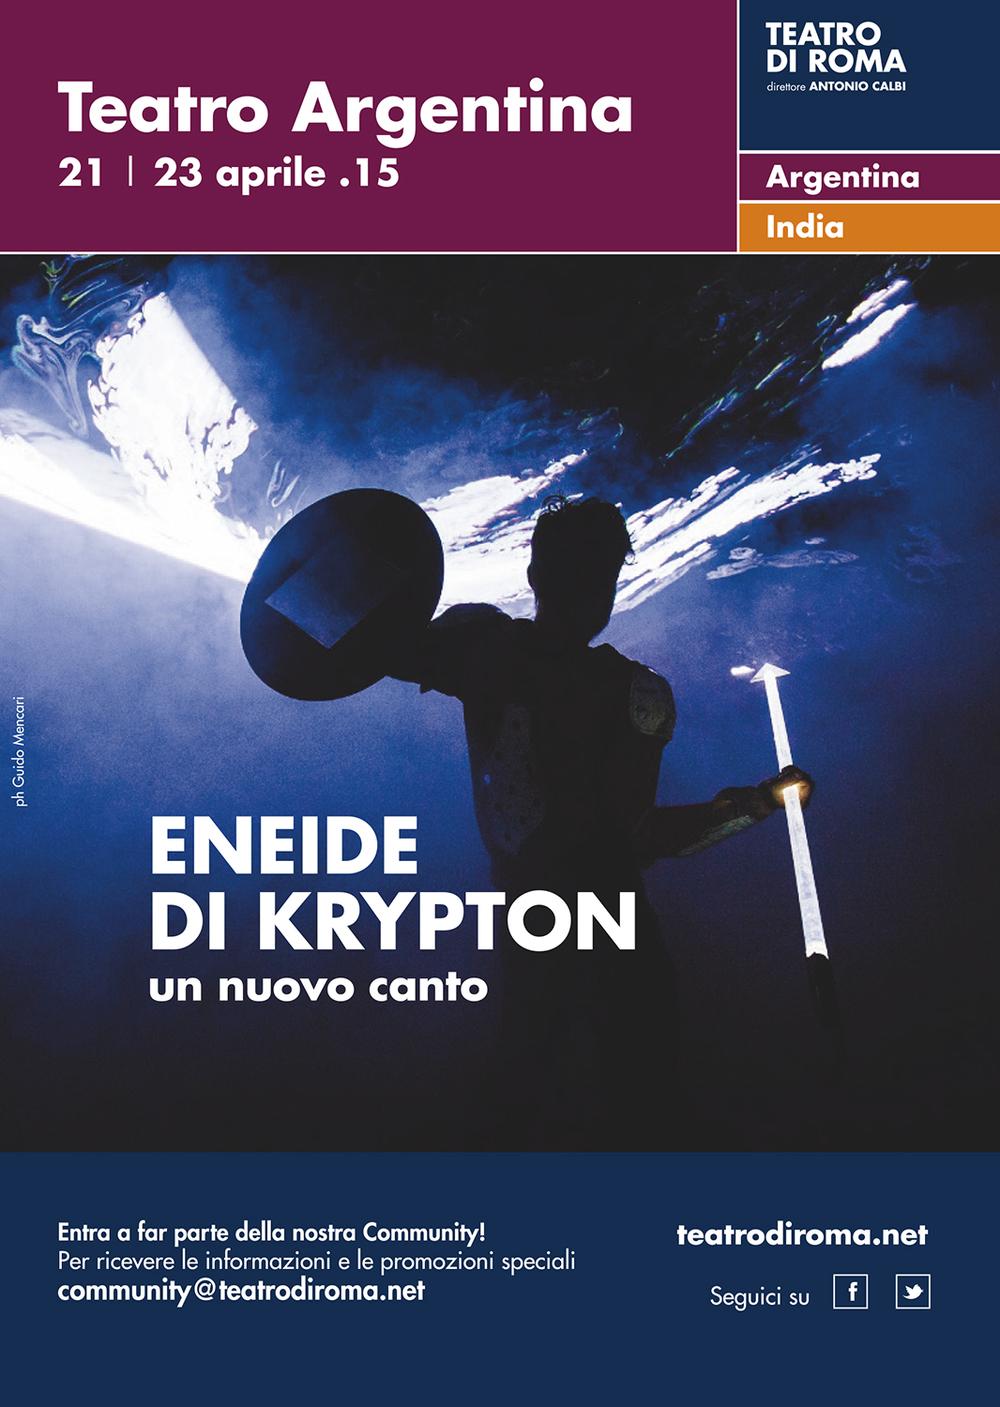 Teatro Studio Krypton  Eneide di Krypton.Un nuovo canto   Teatro Studio Krypton and Beau Geste   Brochure   Teatro di Roma, 2015